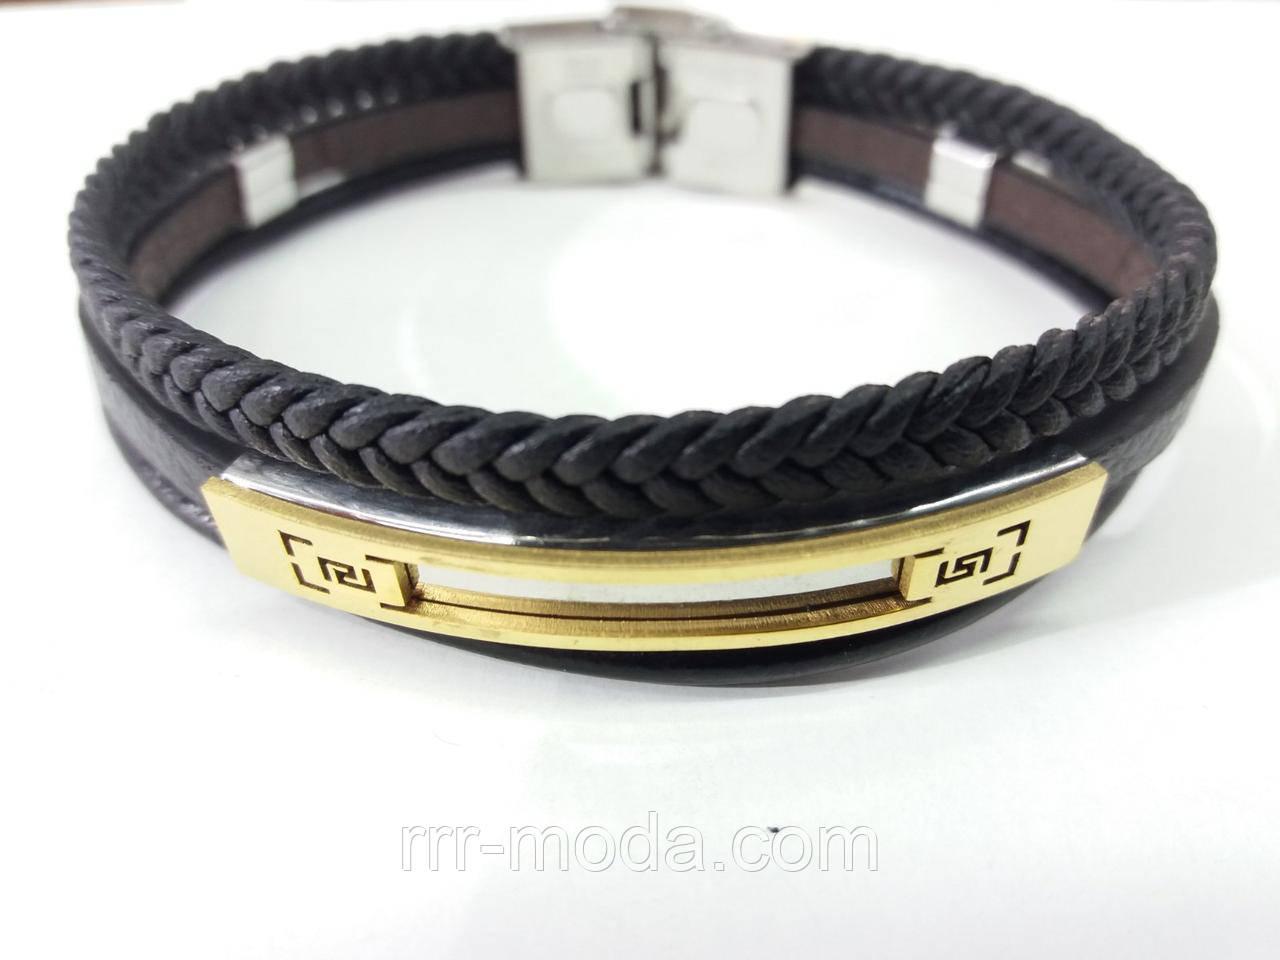 308. Кожаные браслеты фенечки мужские - браслеты из кожи, модные украшения для мужчин со сталью оптом